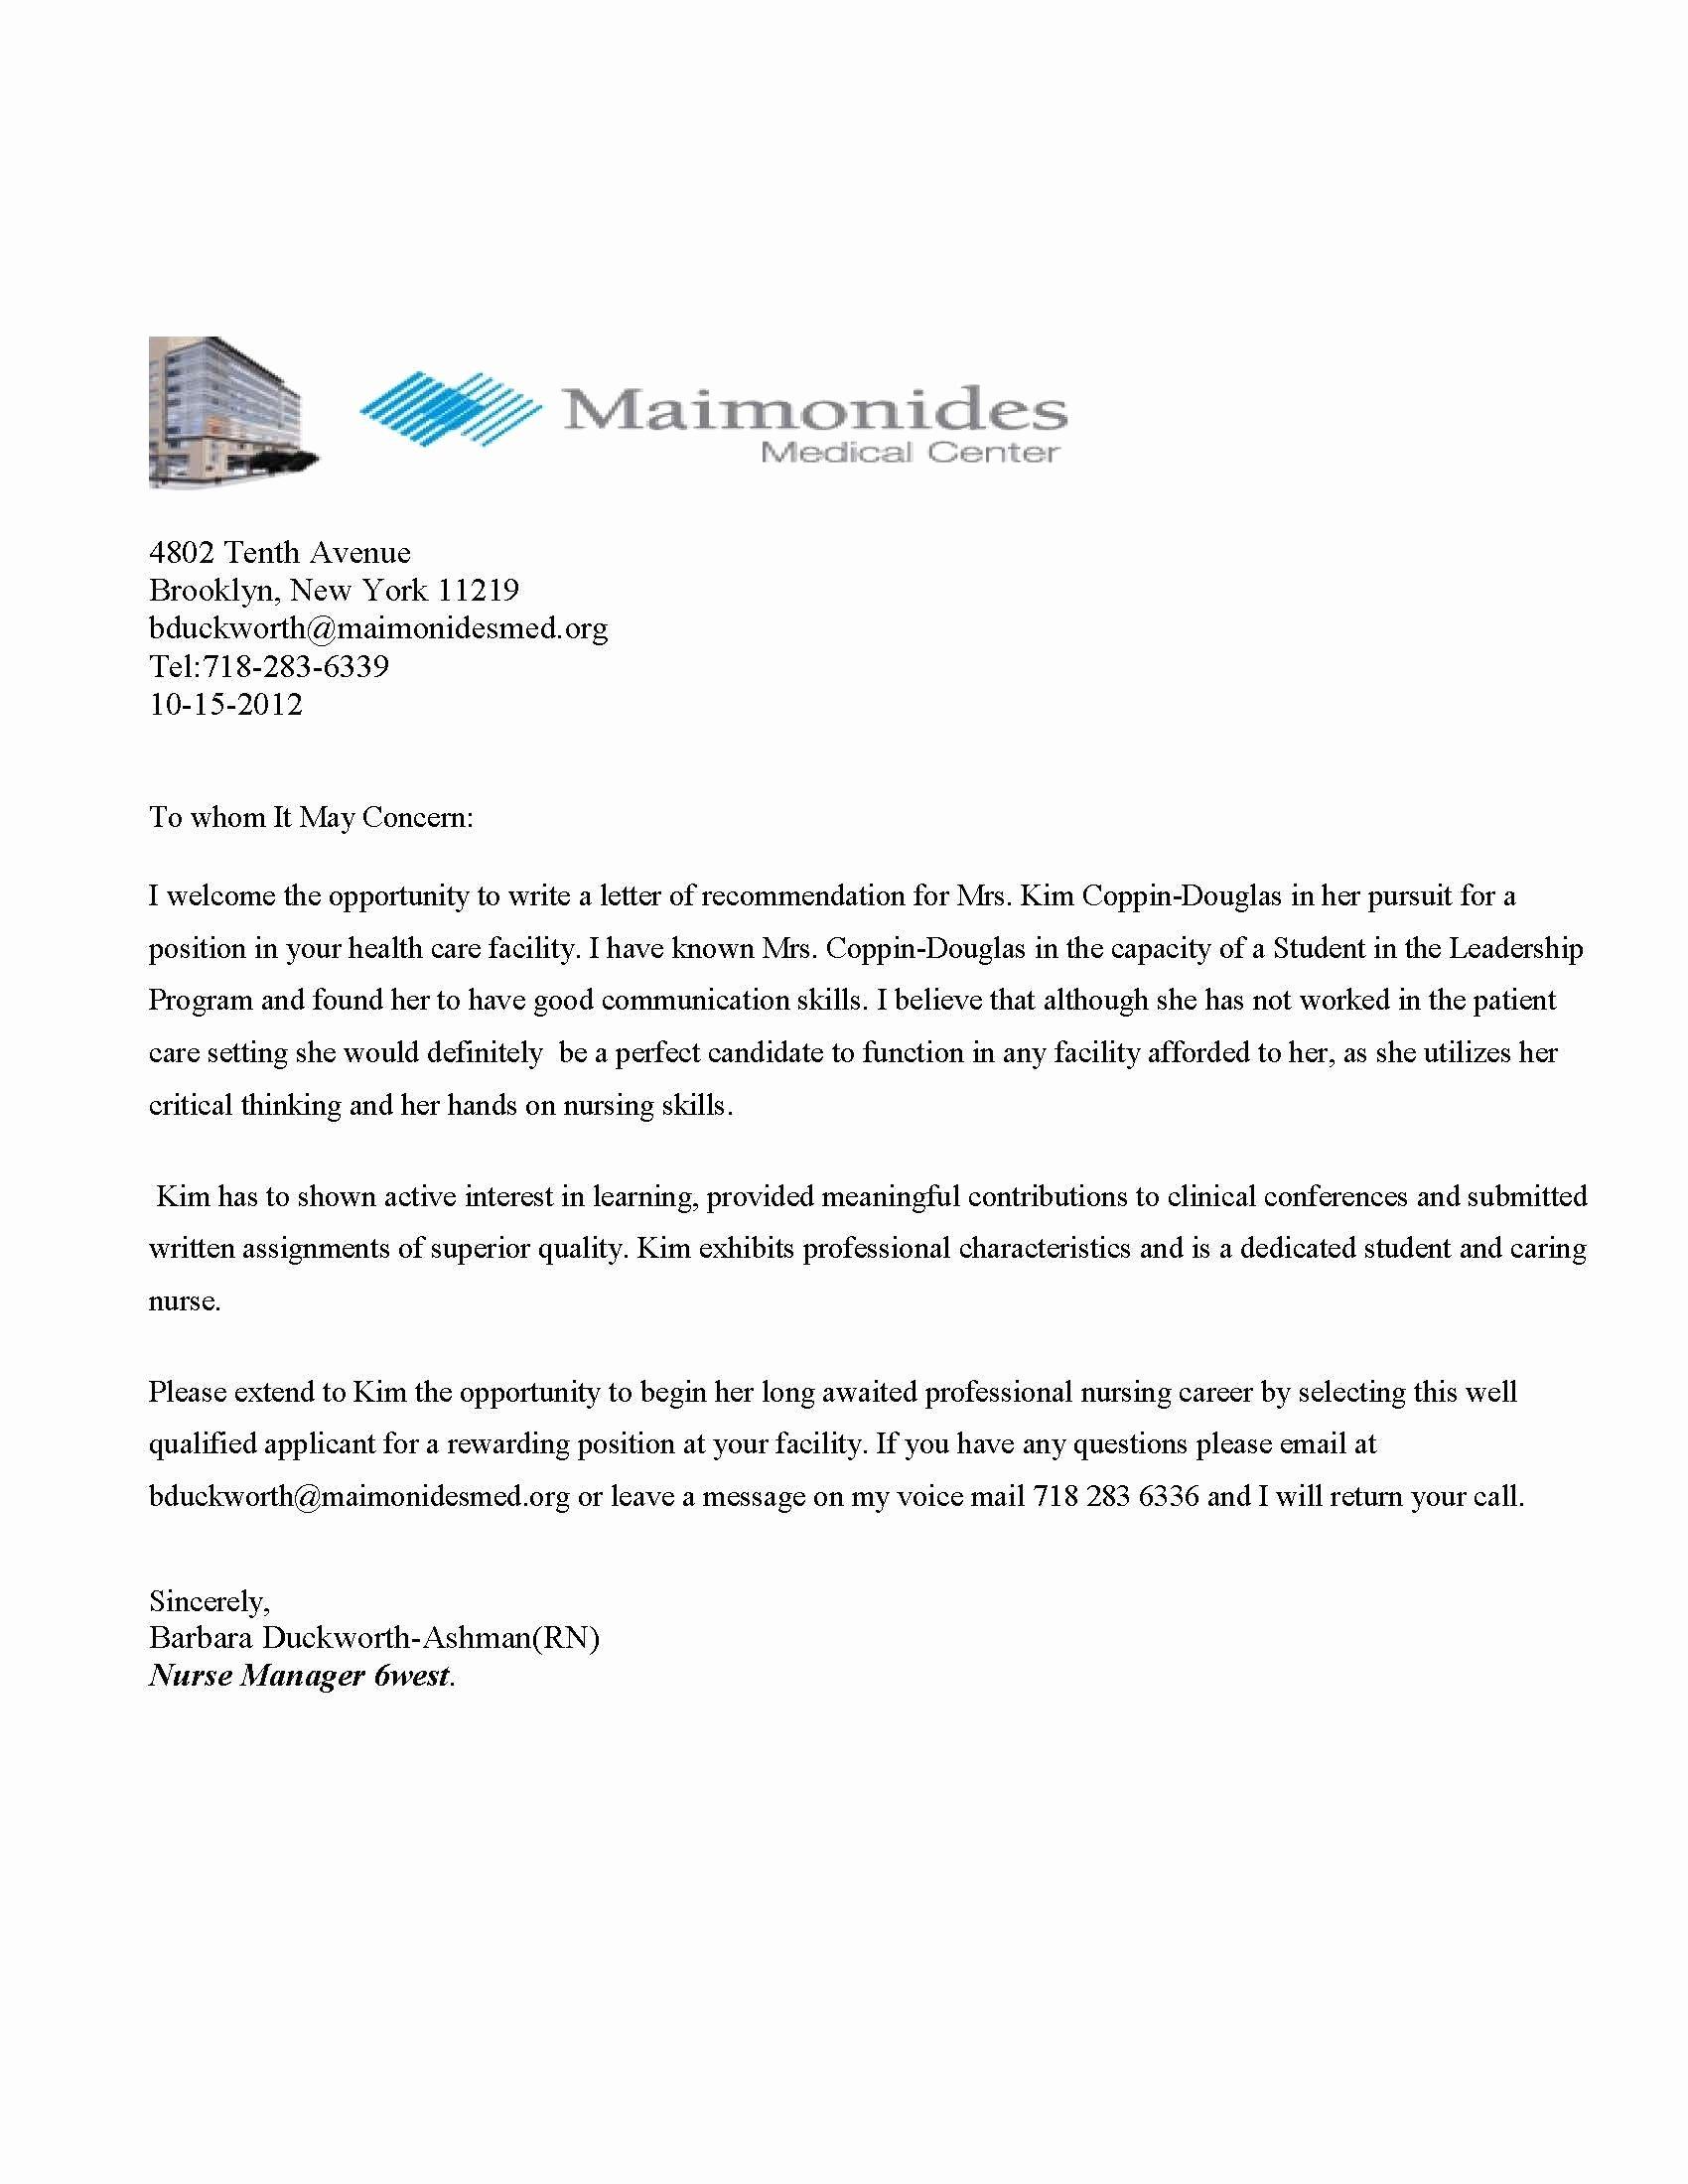 Medical Referral Letter Template Fresh Sample Medical Referral Cover Letter Petent Medical